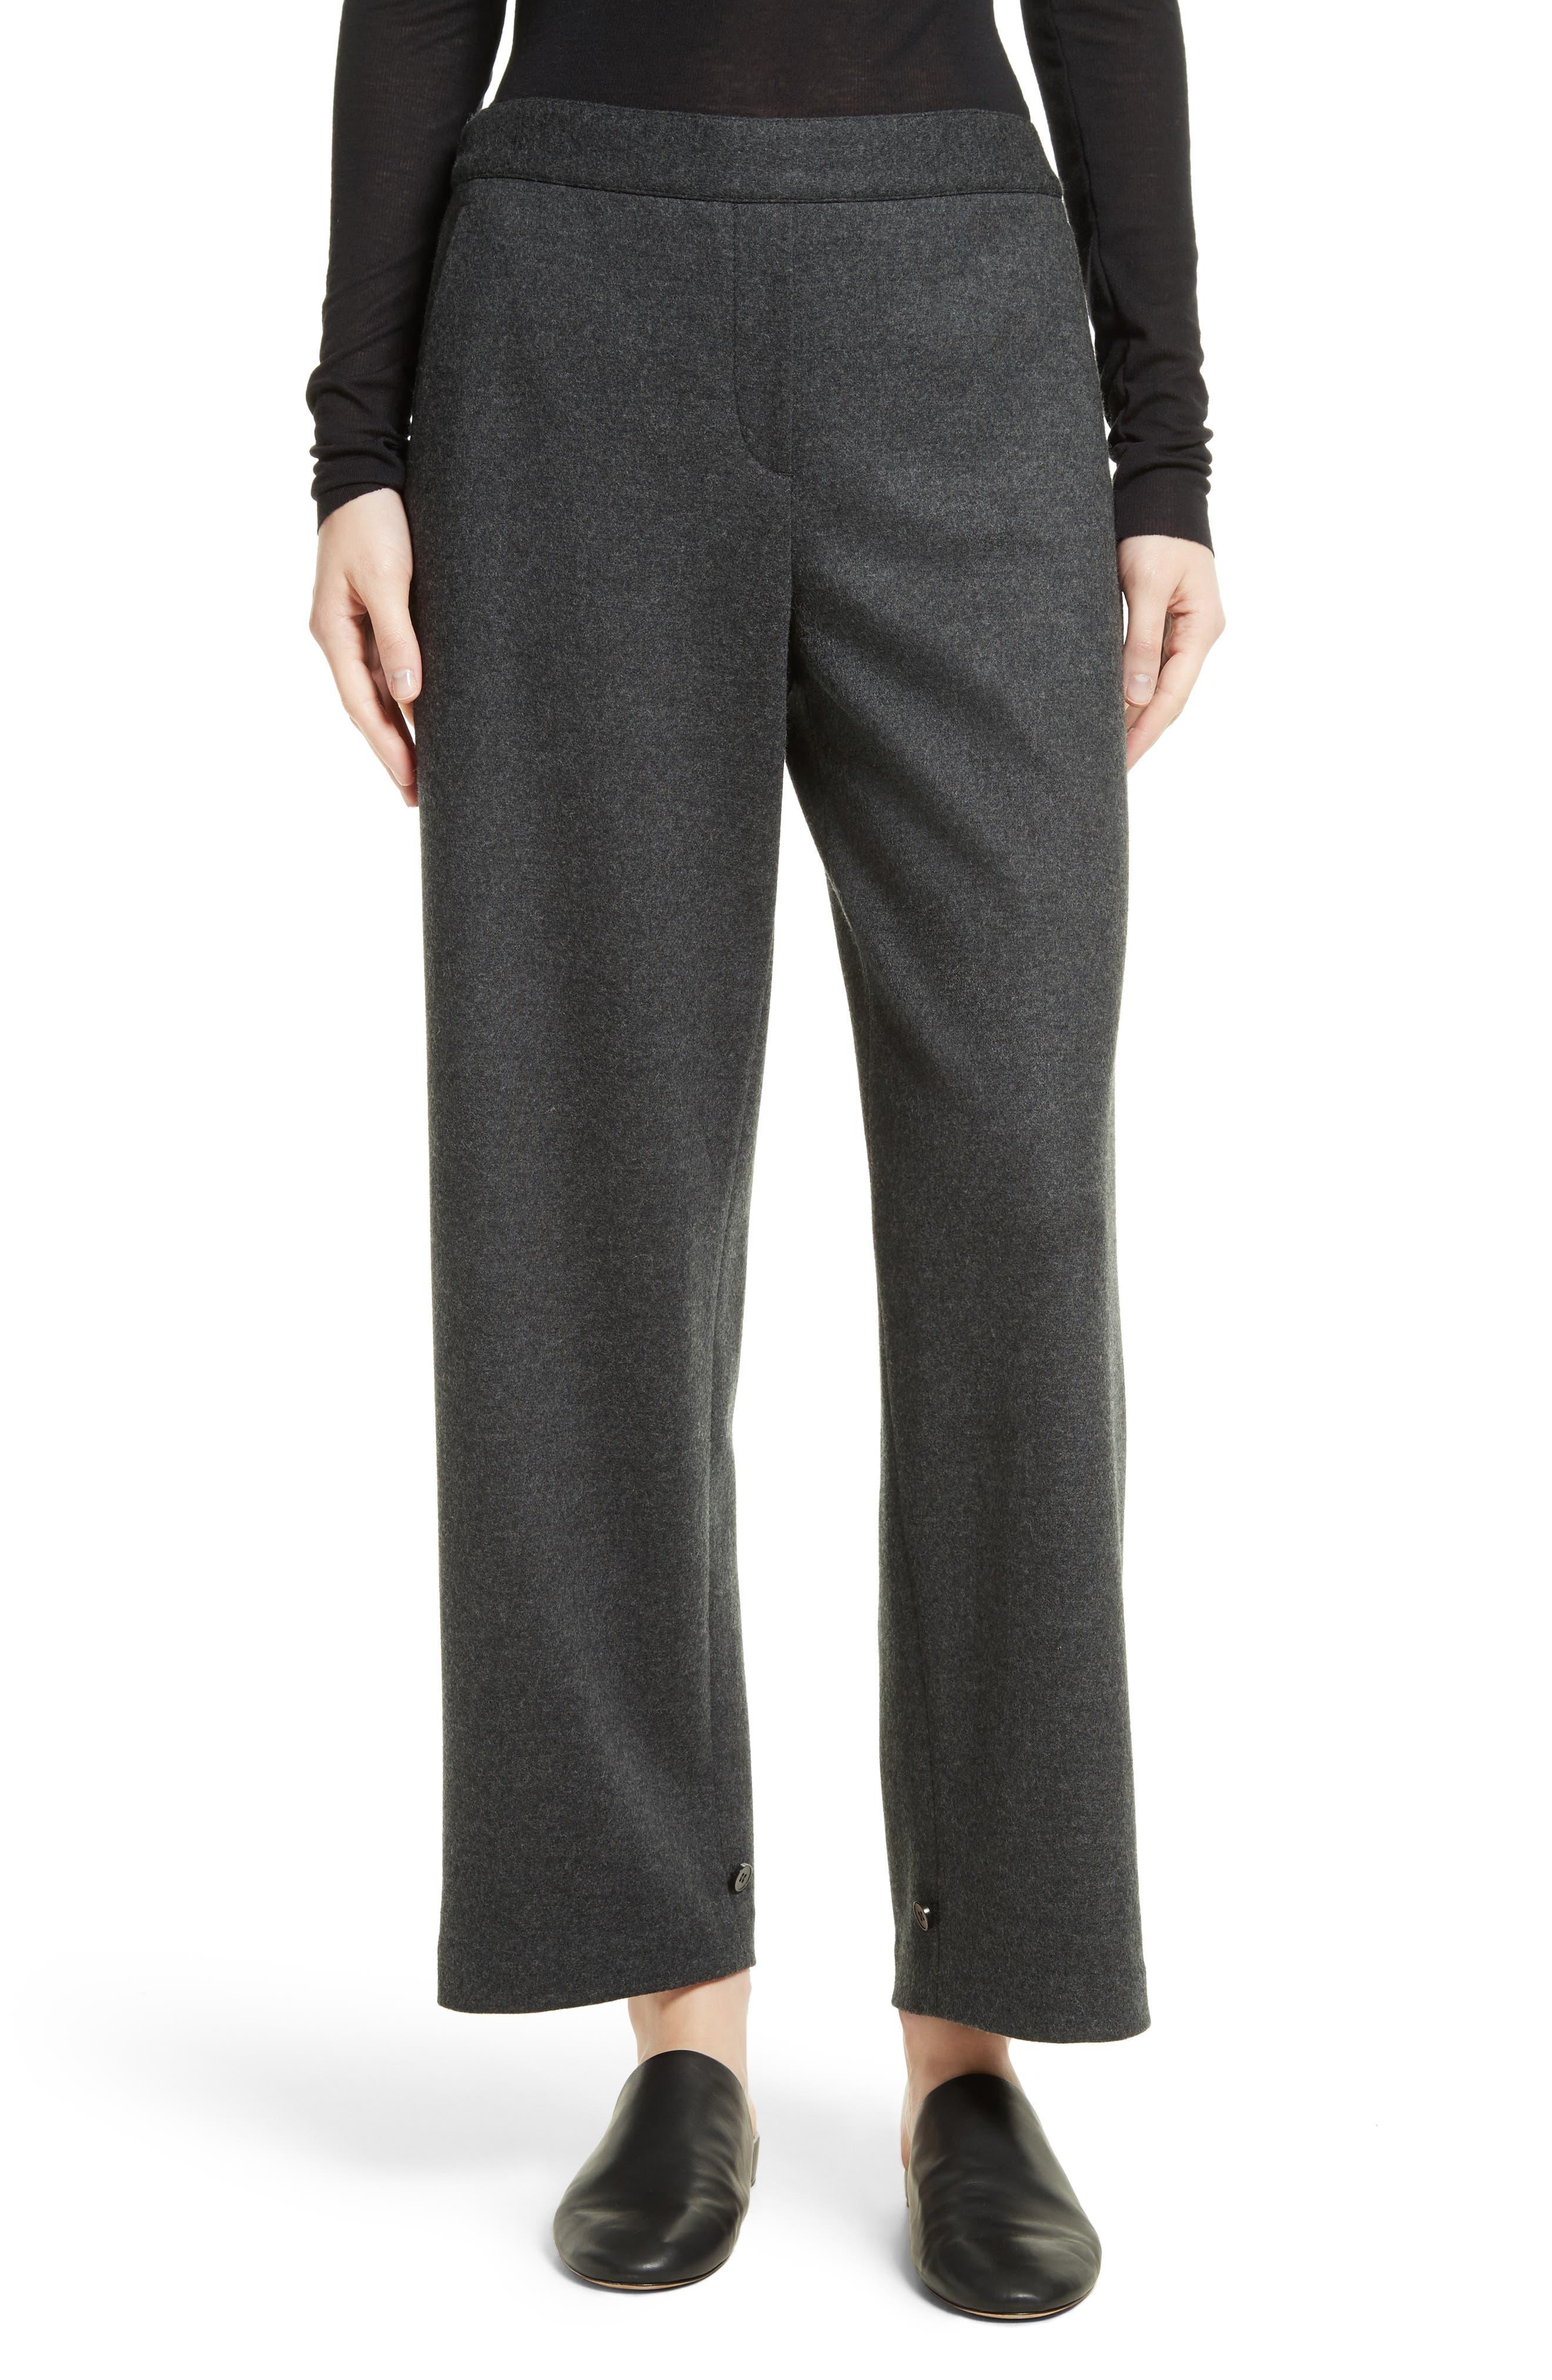 Genie Flannel Knit Pants,                             Main thumbnail 1, color,                             029